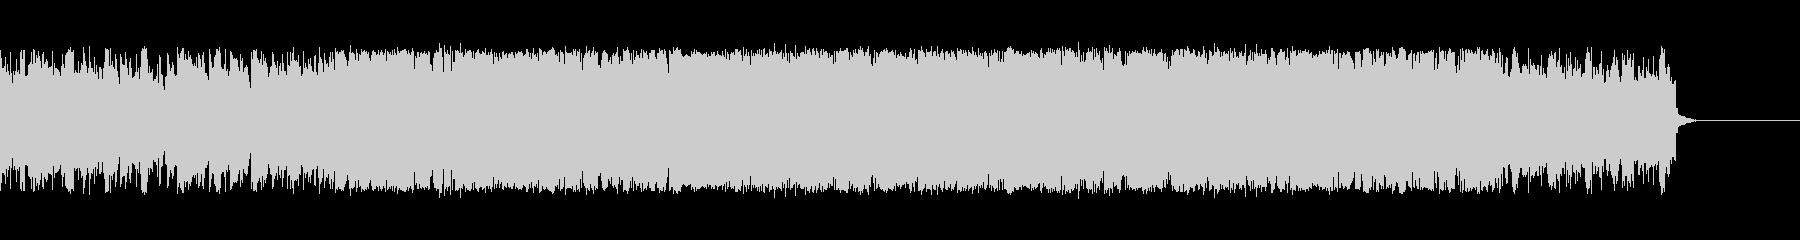 爽やかでシンプルなアップテンポ曲の未再生の波形